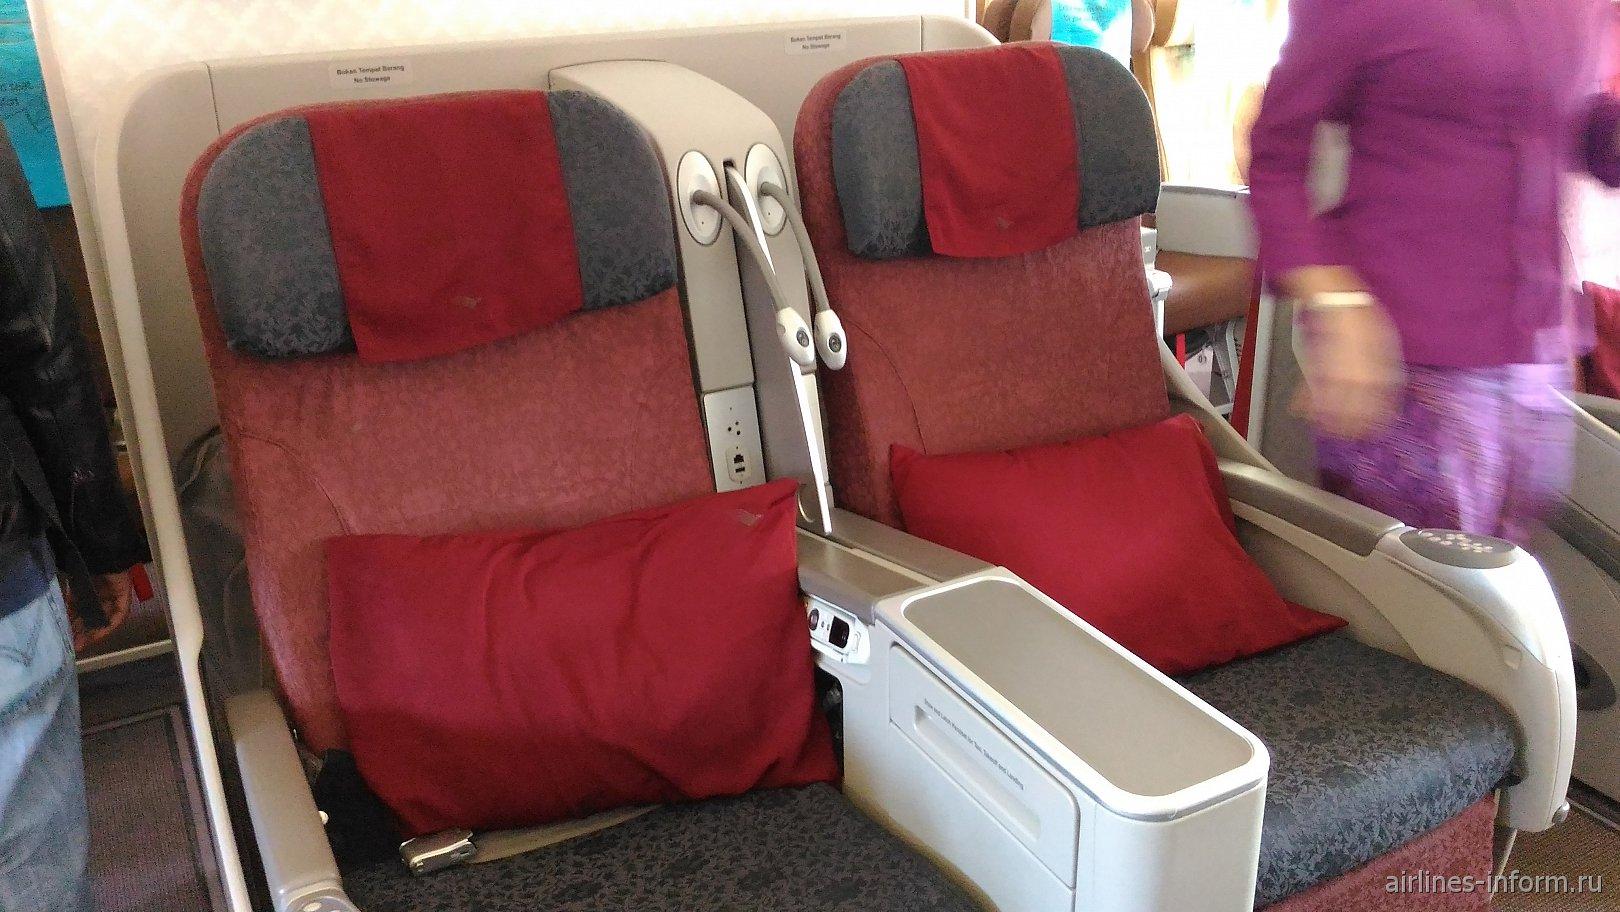 Кресла бизнес-класса в Airbus A330-300 авиакомпании Garuda Indonesia